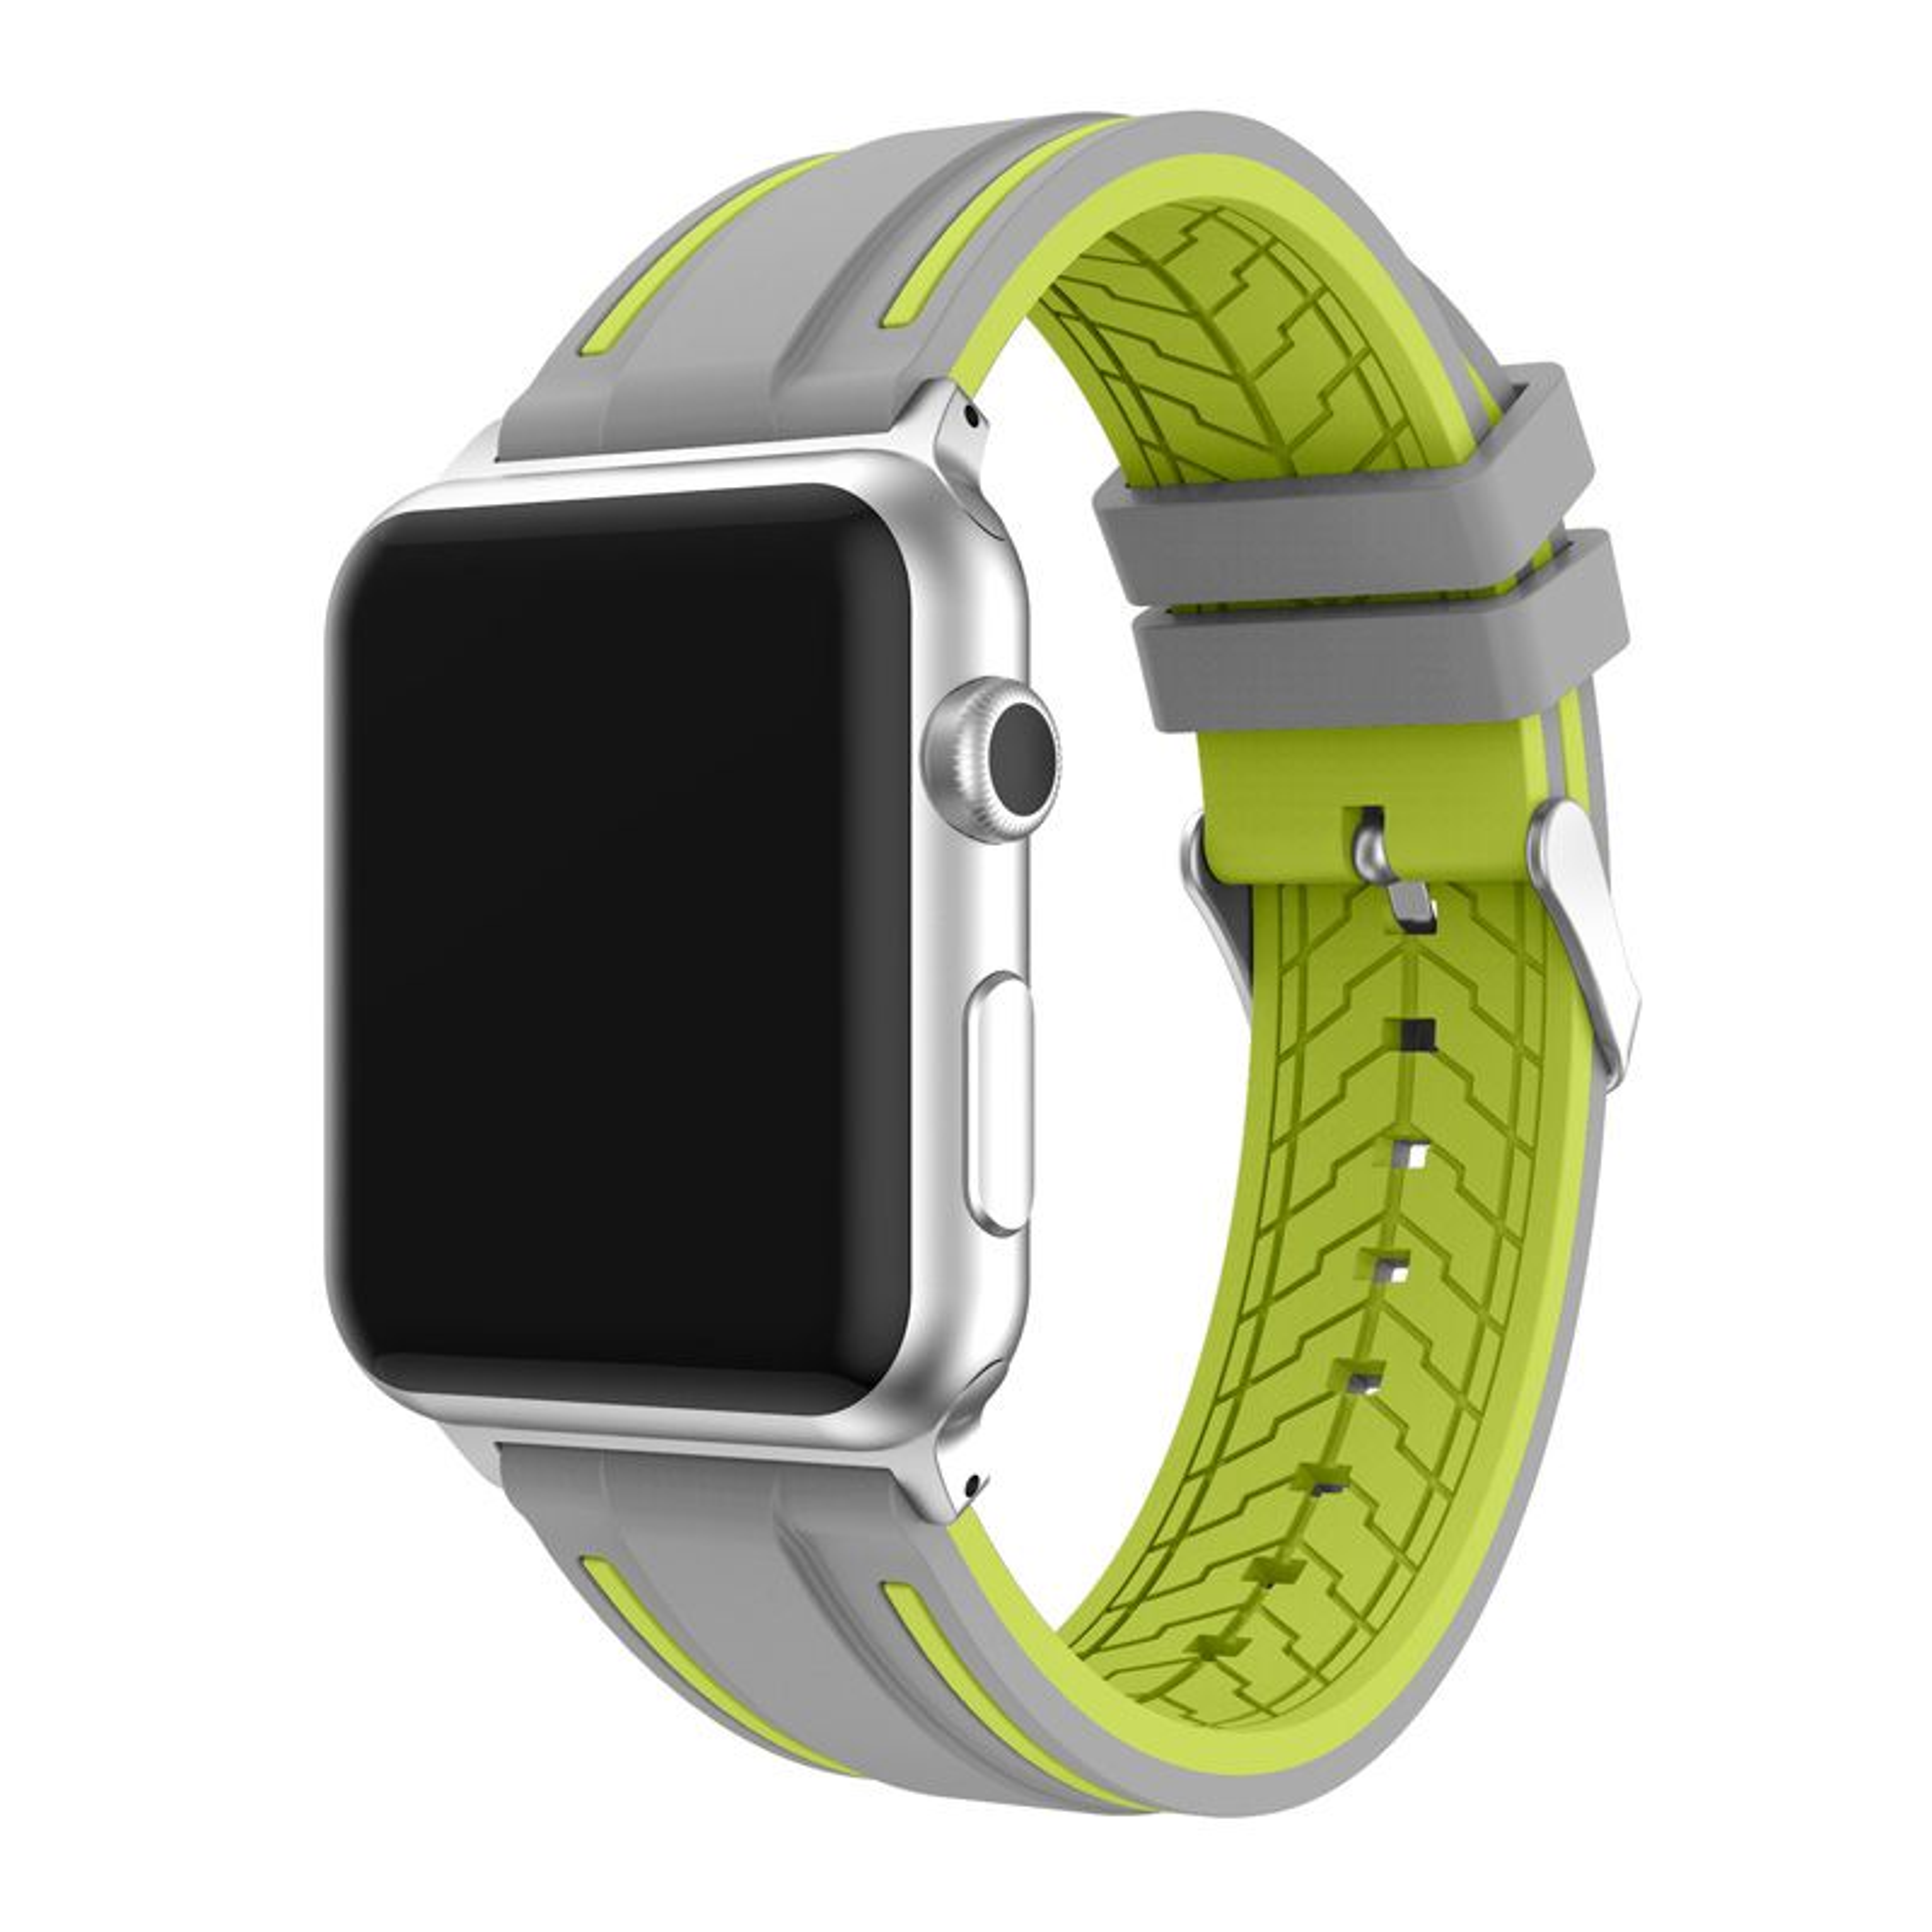 Bracelet Apple Watch 38mm Silicone Souple Bracelet De Remplacement Pour Iwatch Série 3/2/1 Motif Rayures - Gris Et Lime